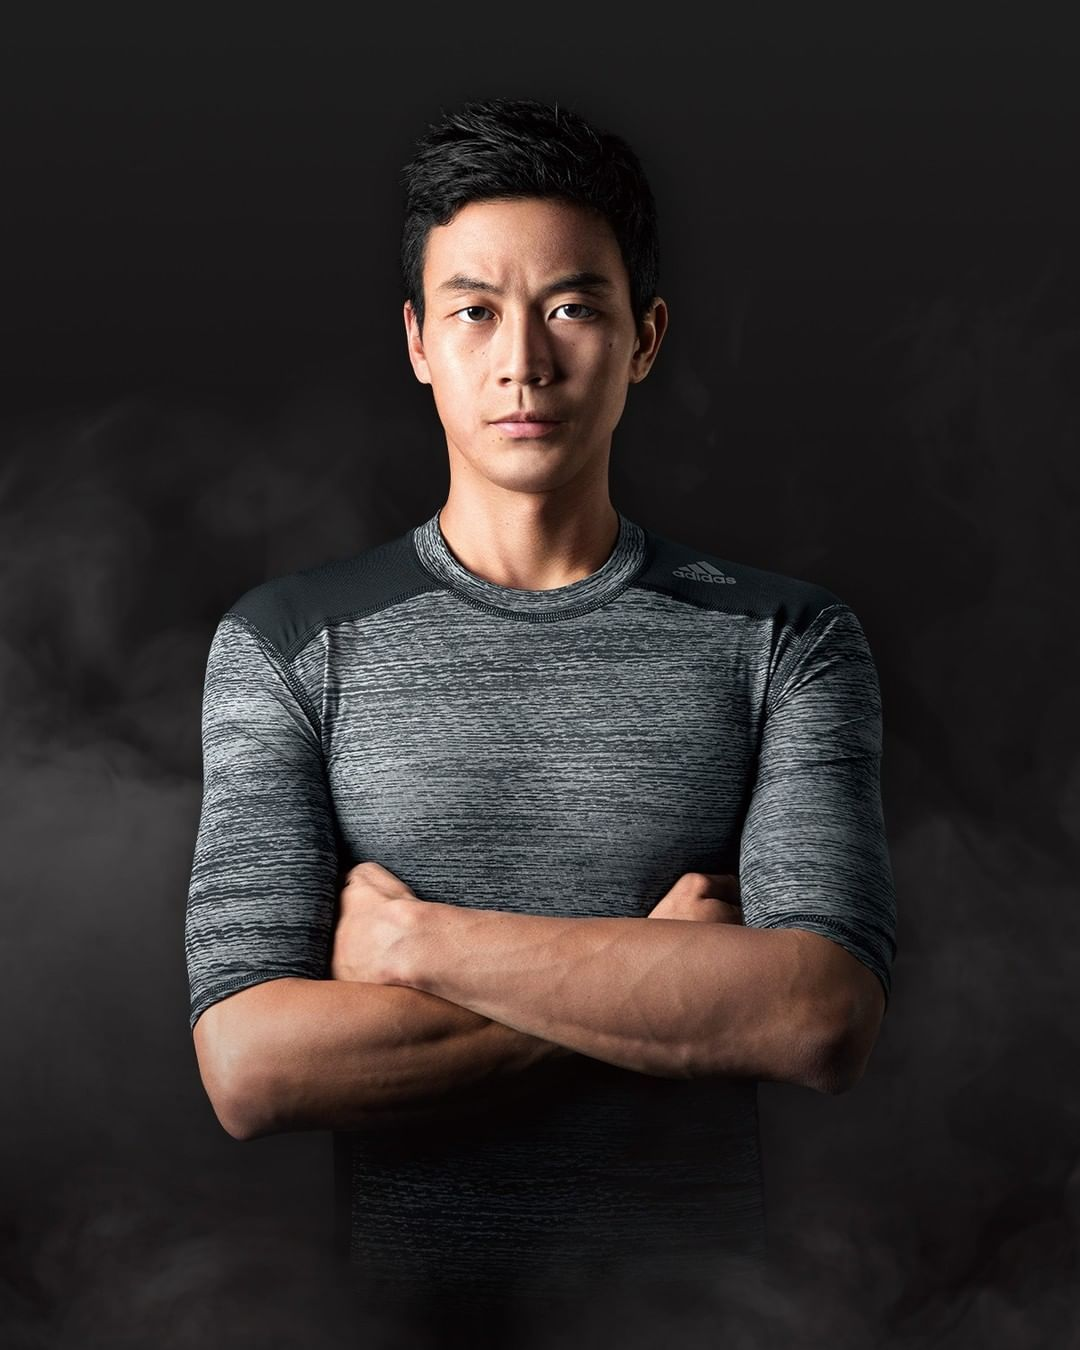 網球選手盧彥勳將是第五度代表台灣參與奧運盛事。圖片來源/adidas_tw@instagram